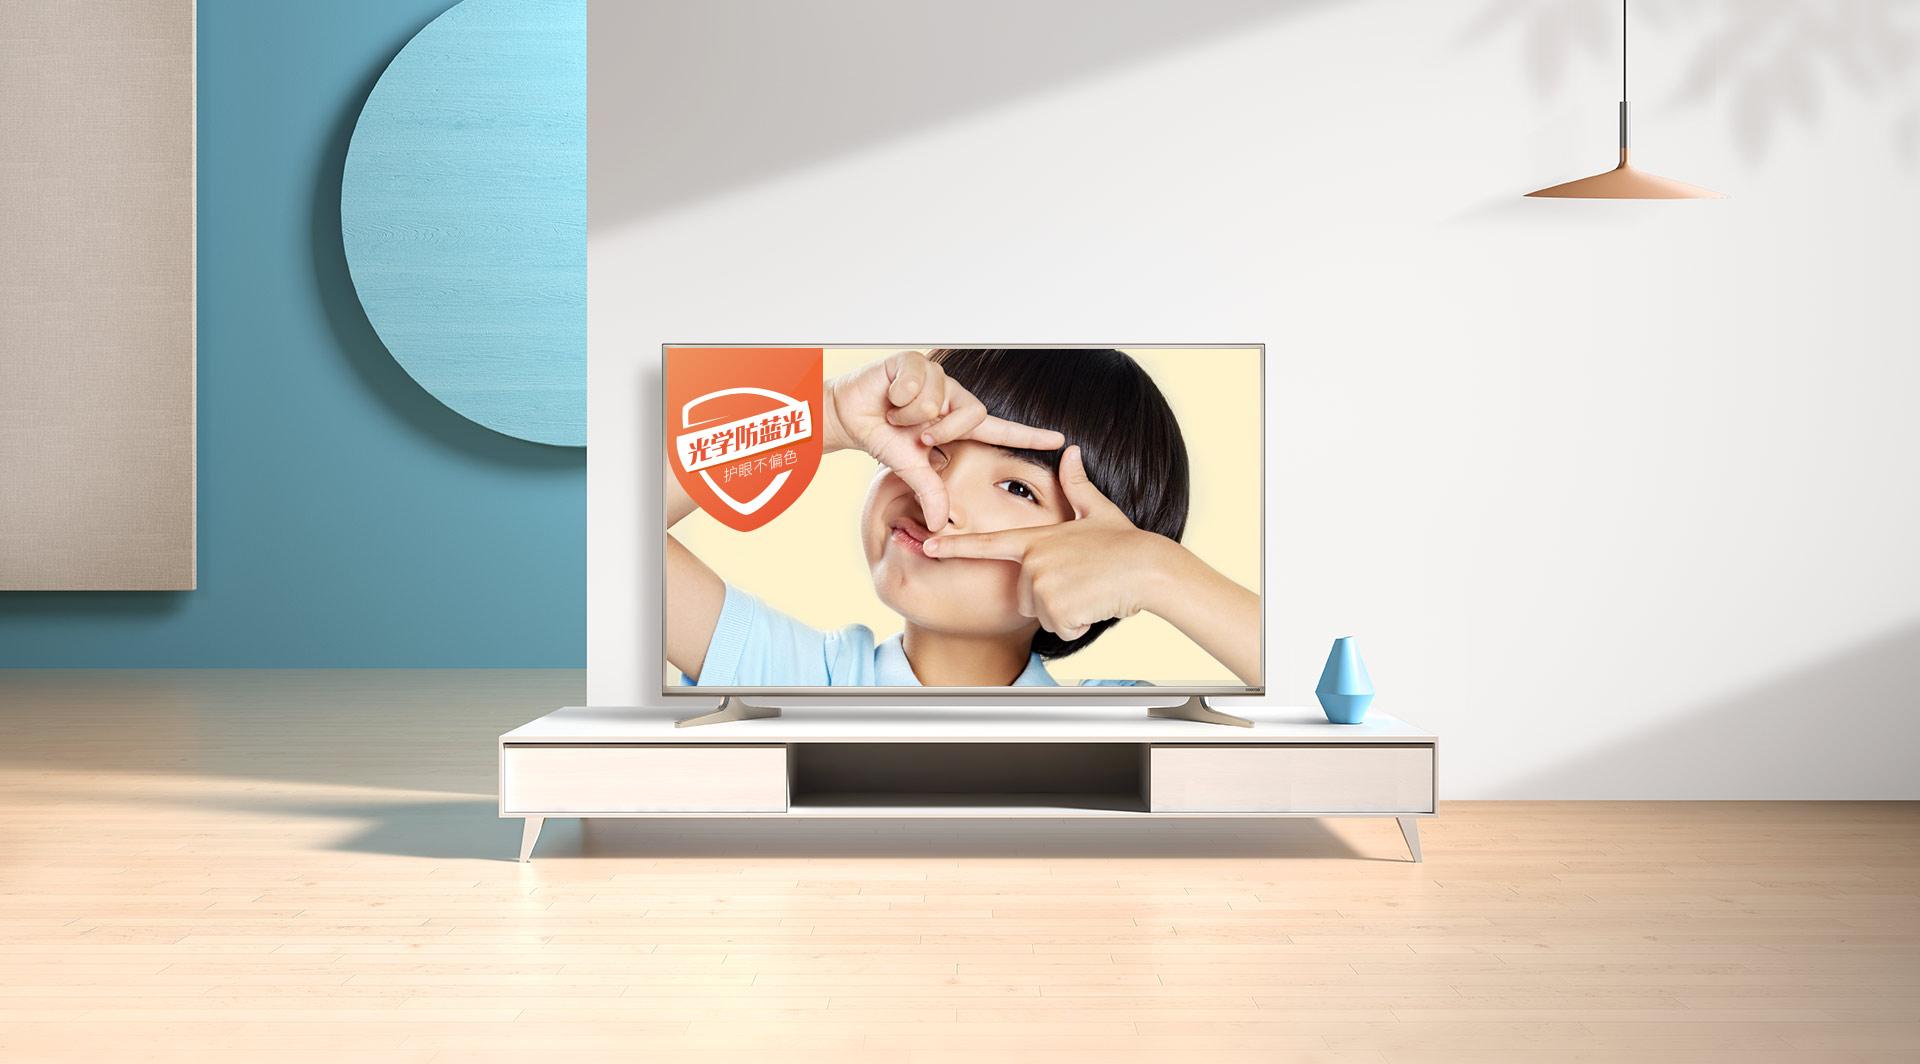 酷開55U3B防藍光教育電視